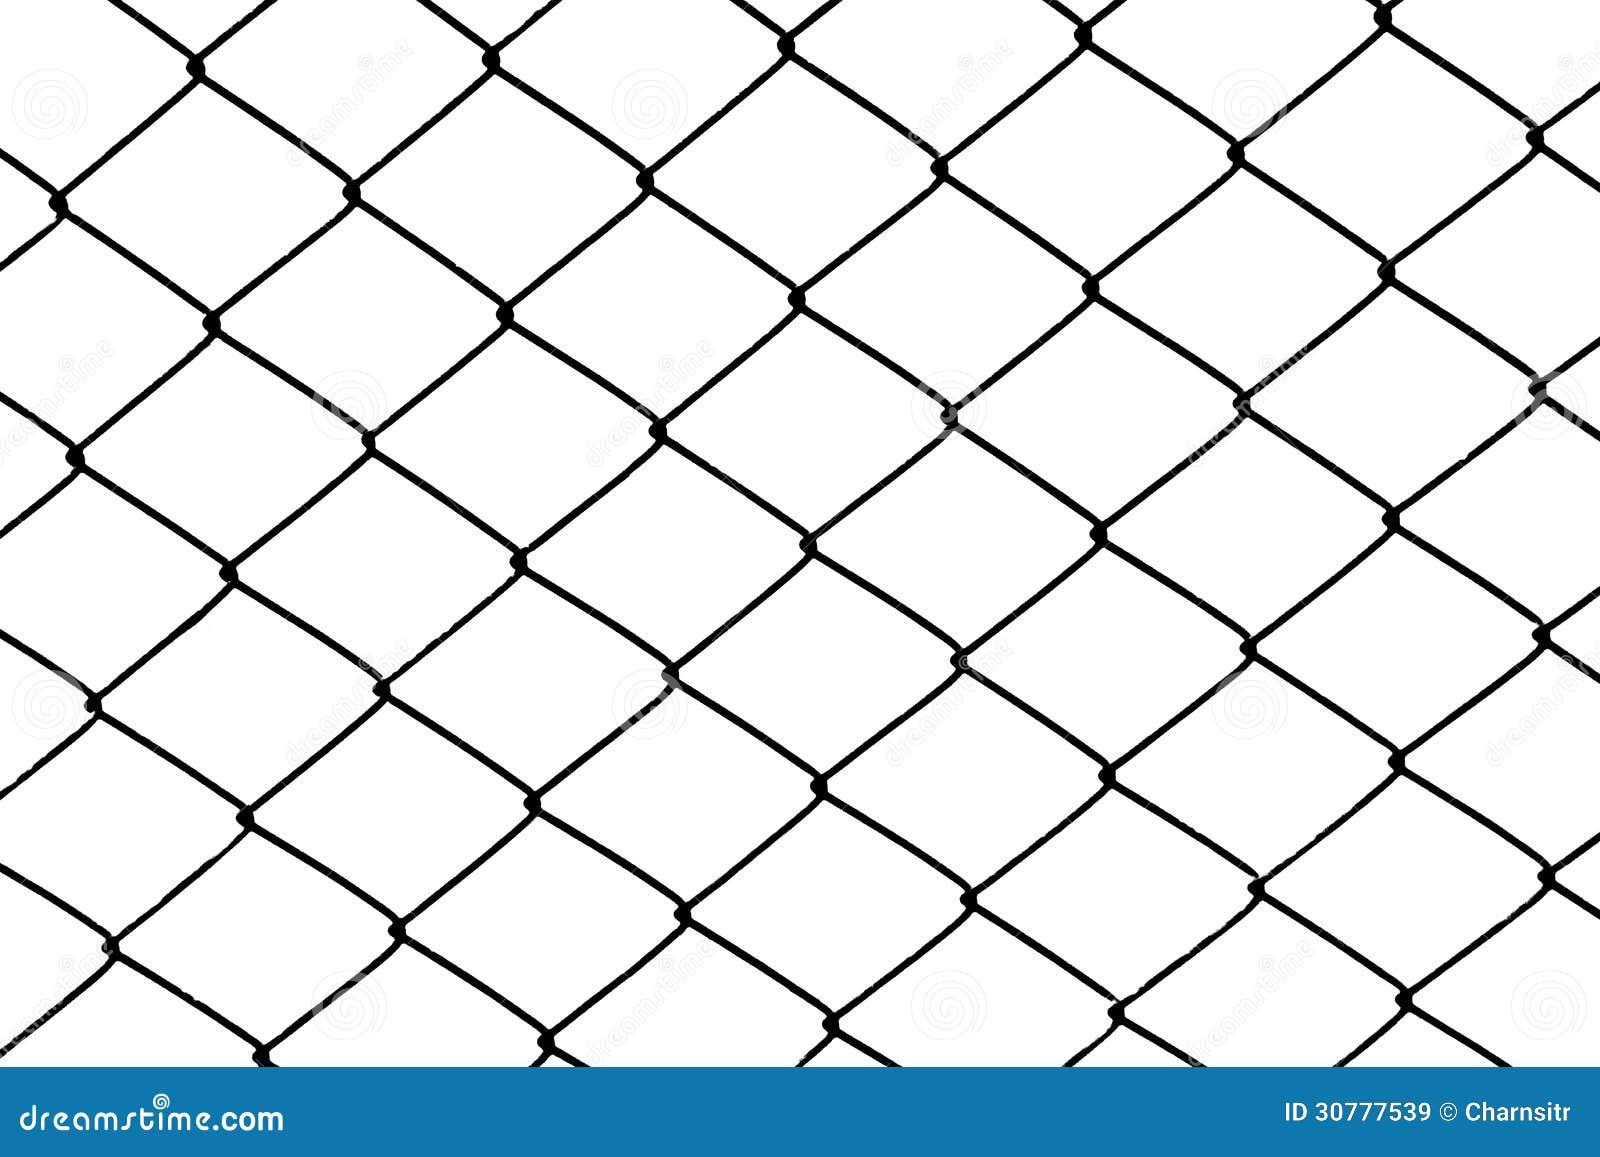 Maschendraht stock abbildung. Illustration von eisen - 30777539